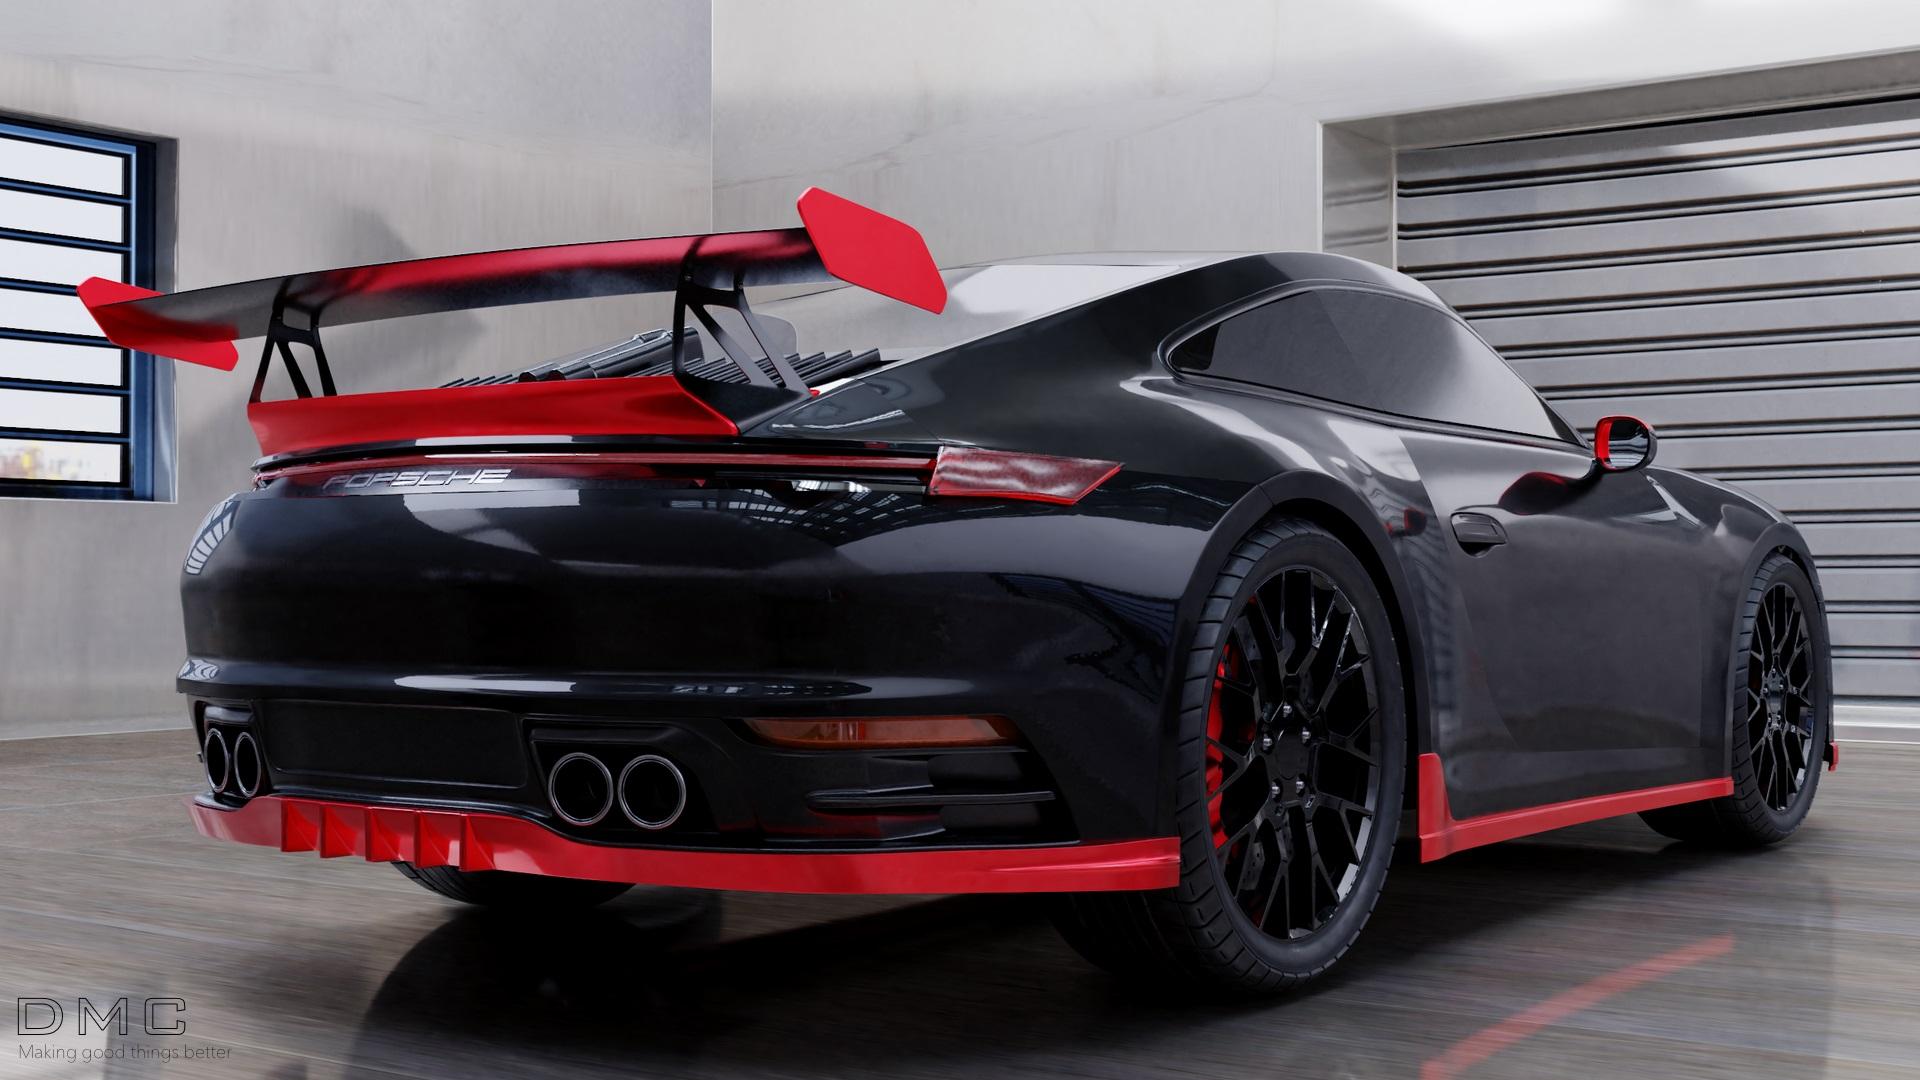 Porsche-911-992-by-DMC-3